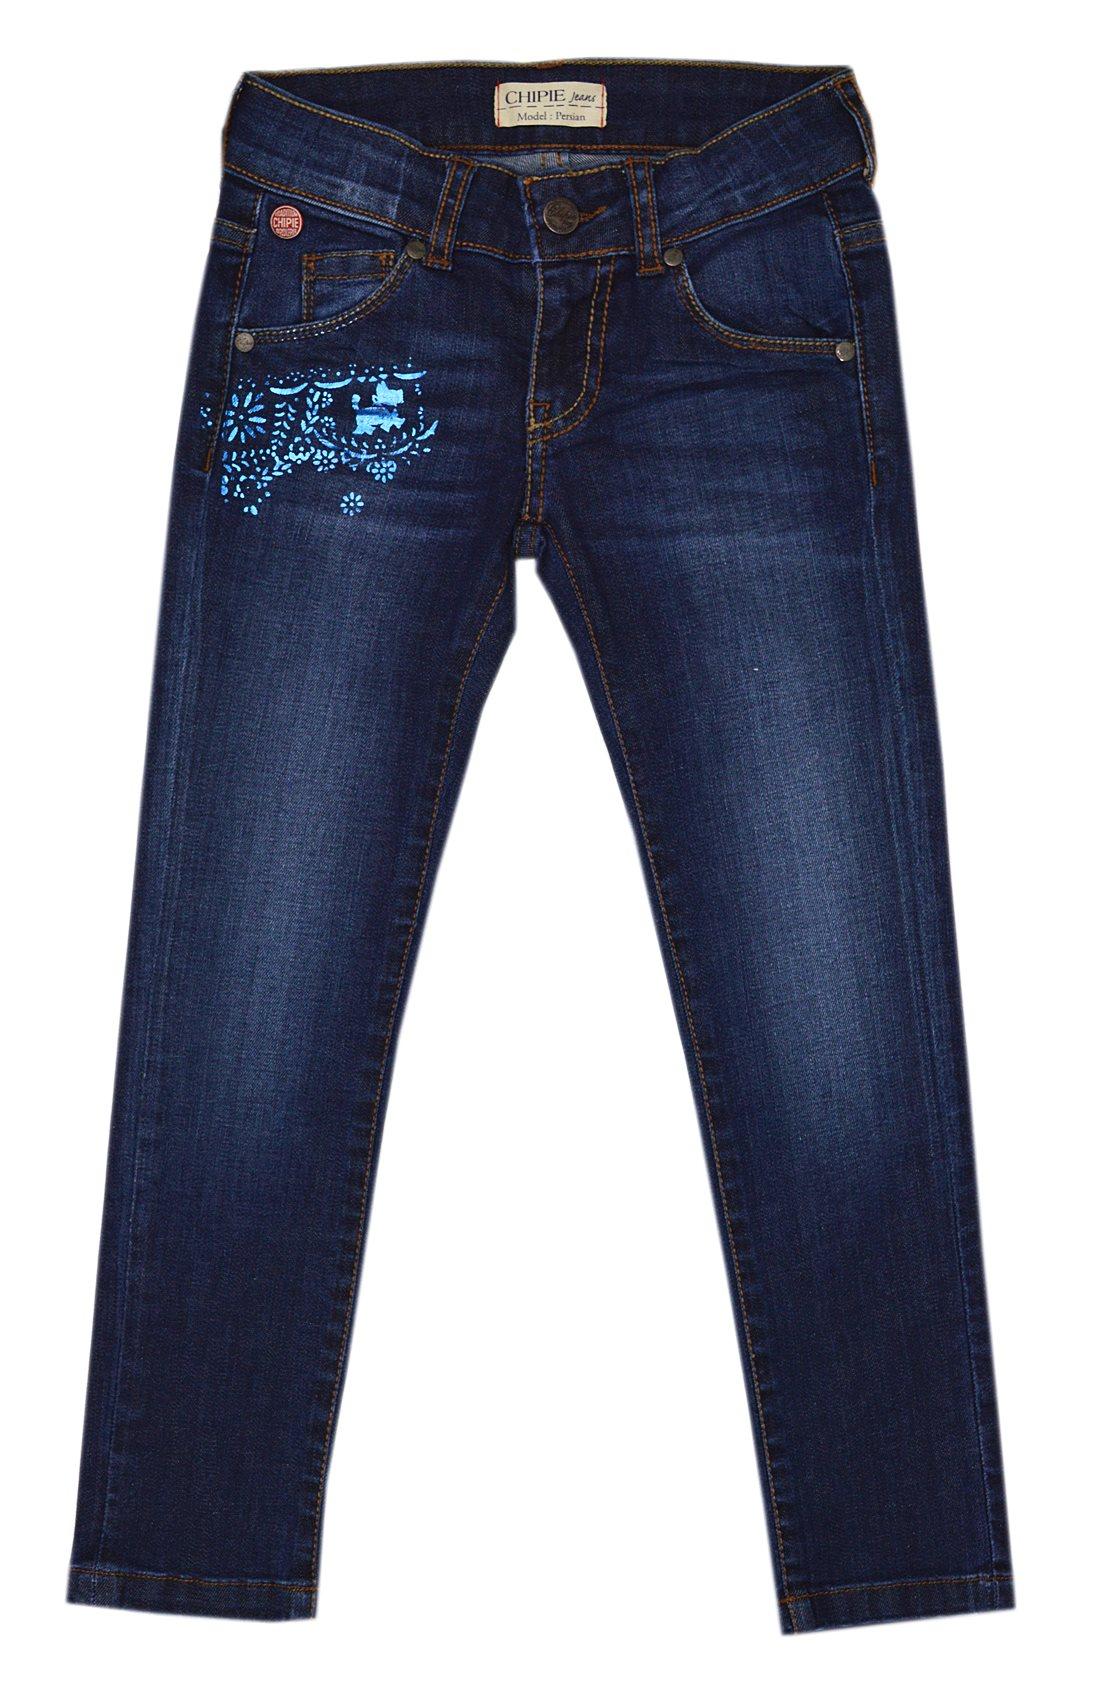 chipie jeanshosen f r m dchen coole blue jeans persian. Black Bedroom Furniture Sets. Home Design Ideas